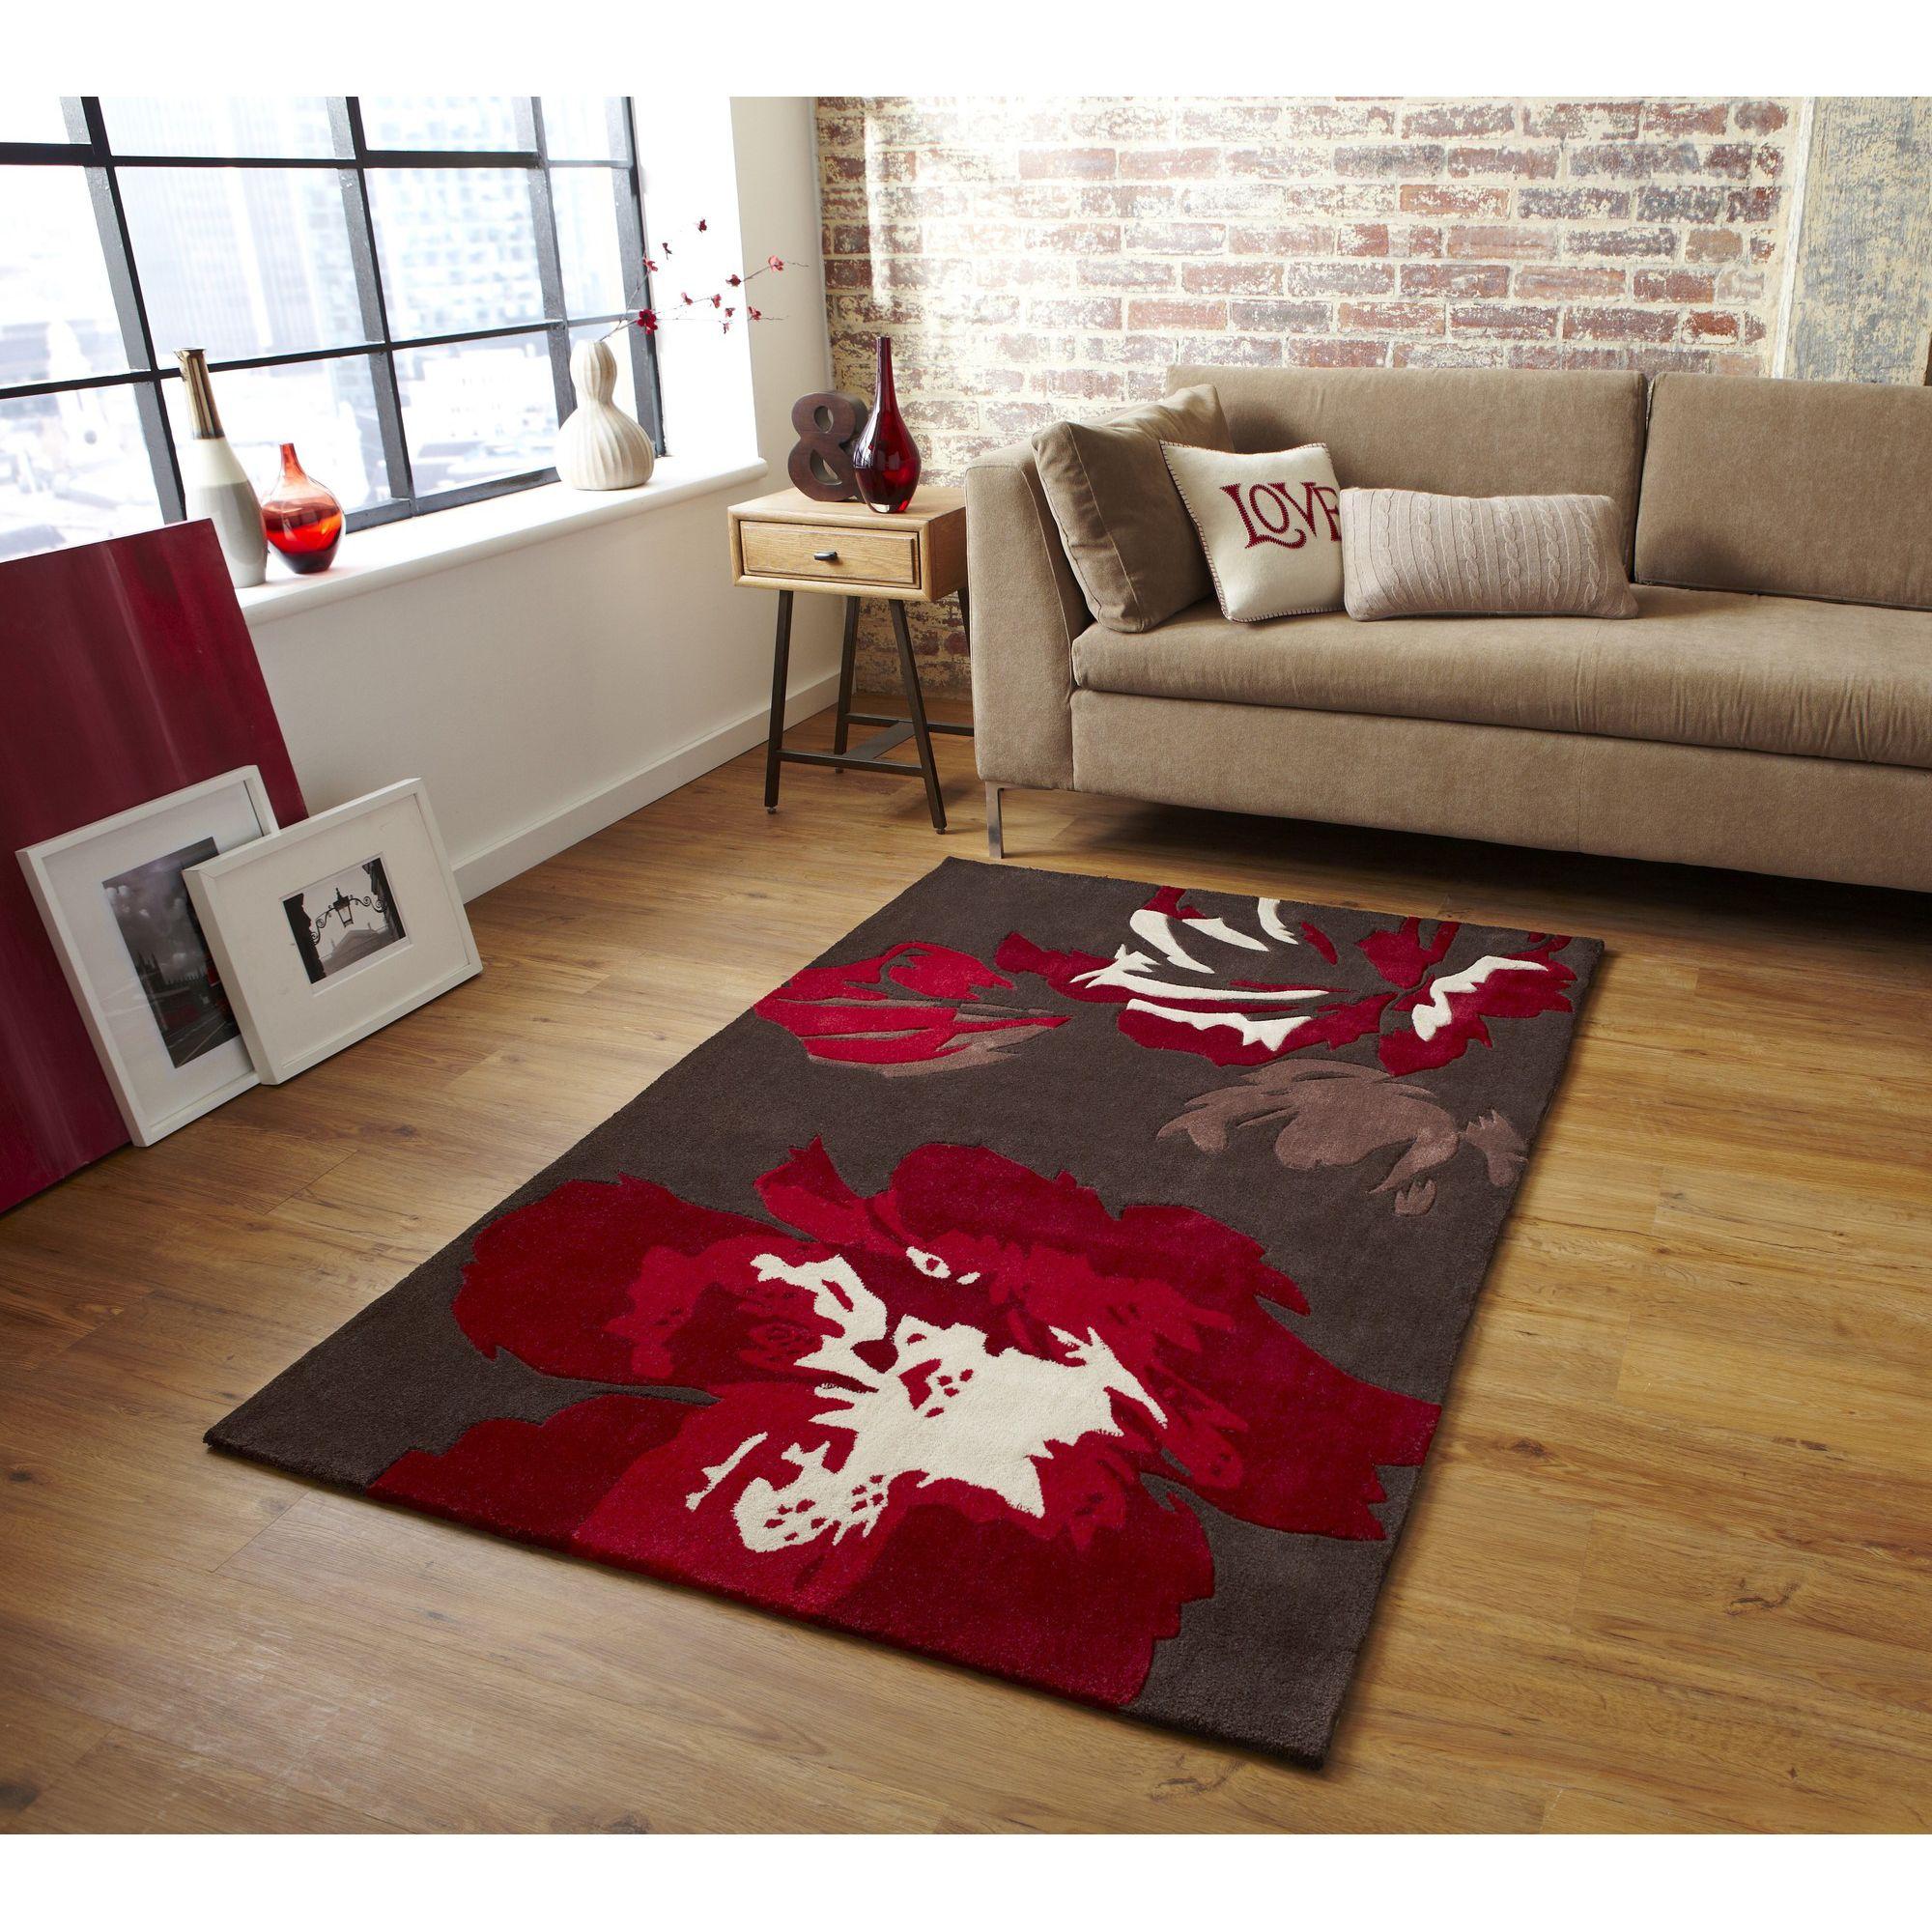 Oriental Carpets & Rugs Hong Kong 2827 Brown/Red Rug - 90cm x 150cm